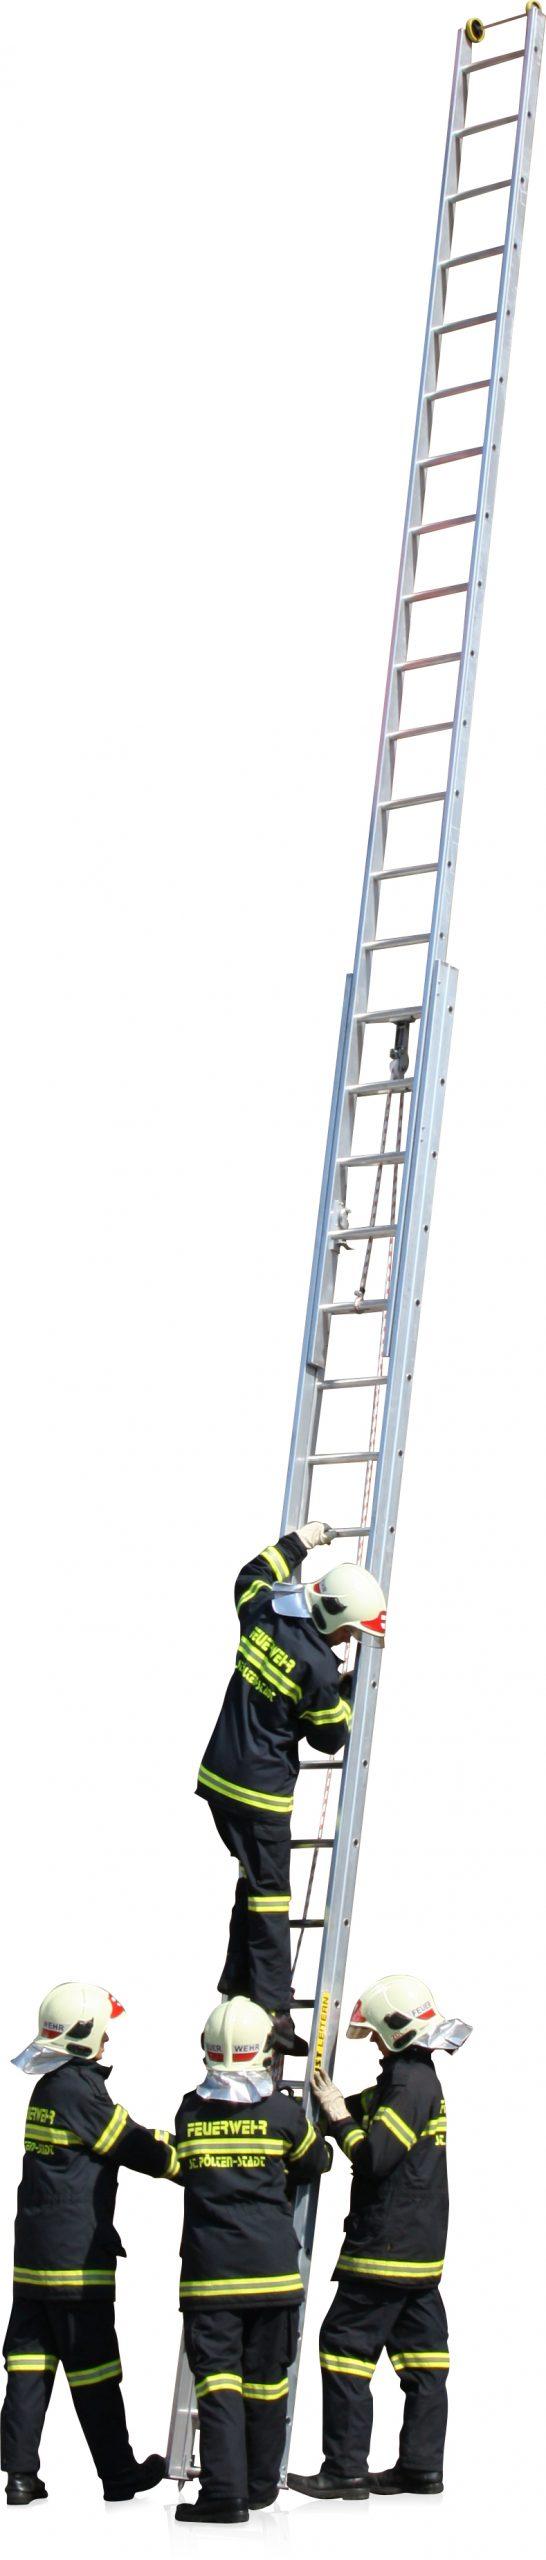 Dvojdielne hasičské rebríky výsuvné FO-615 FO-617 a FO-619